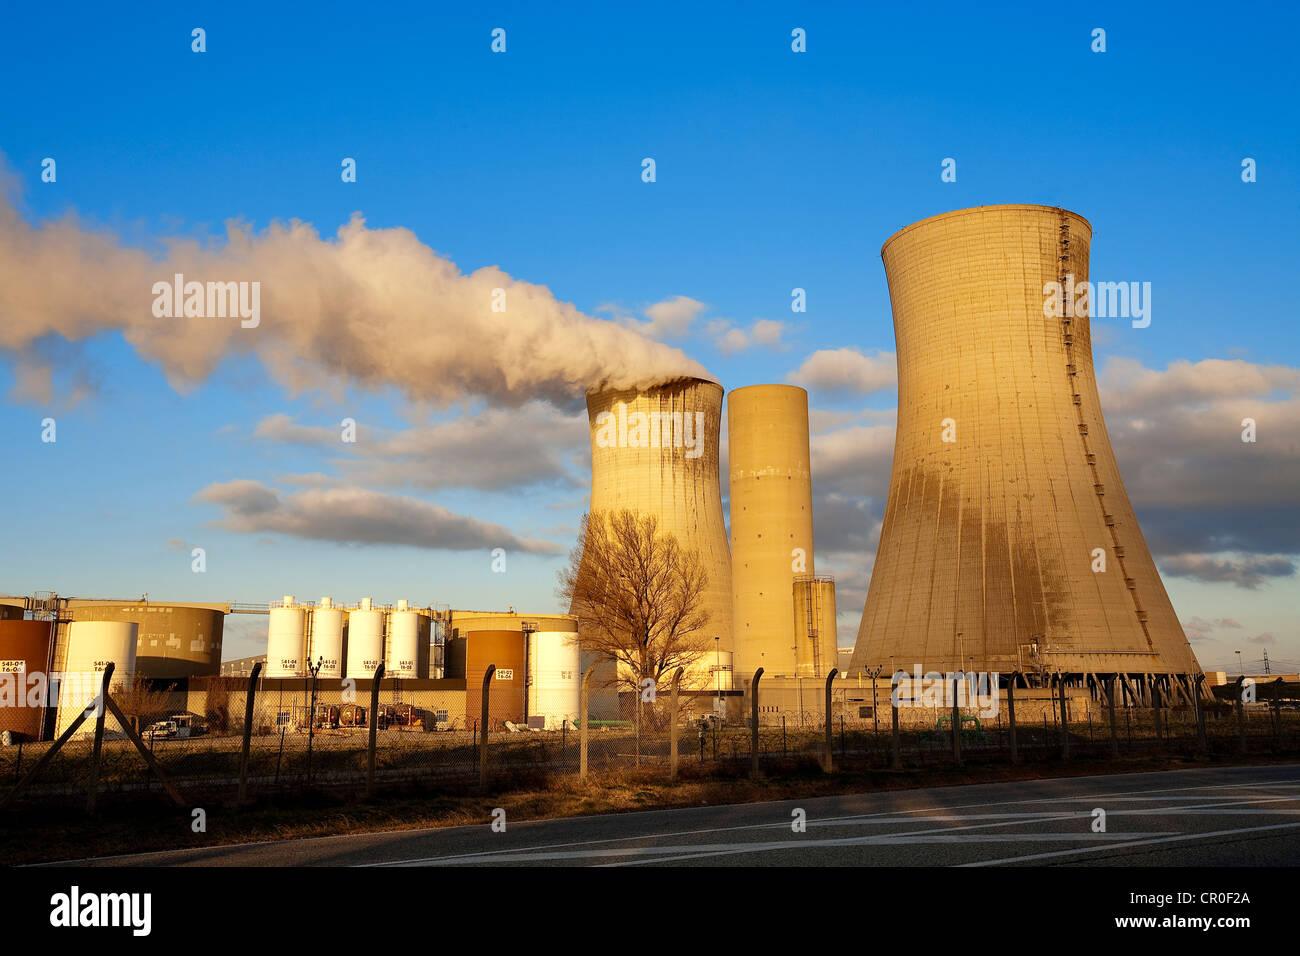 La France, Vaucluse, Bollene, cheminée sur le site industriel du Tricastin Photo Stock